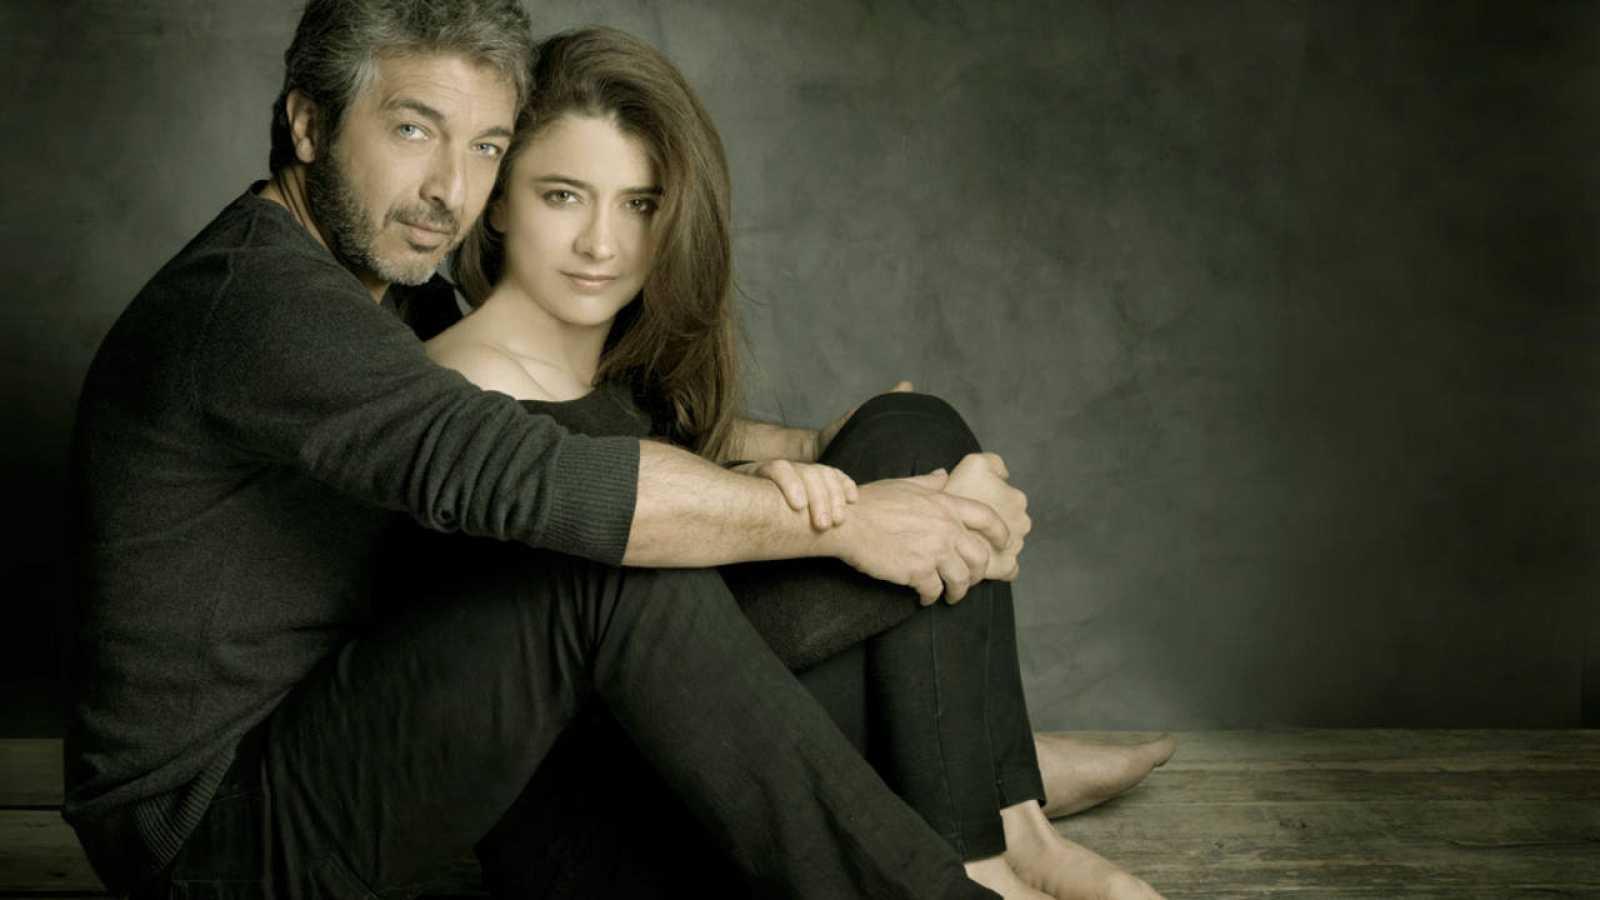 Ricardo Darín y Érica Rivas protagonizan 'Escenas de la vida conyugal' en Teatros del Canal.